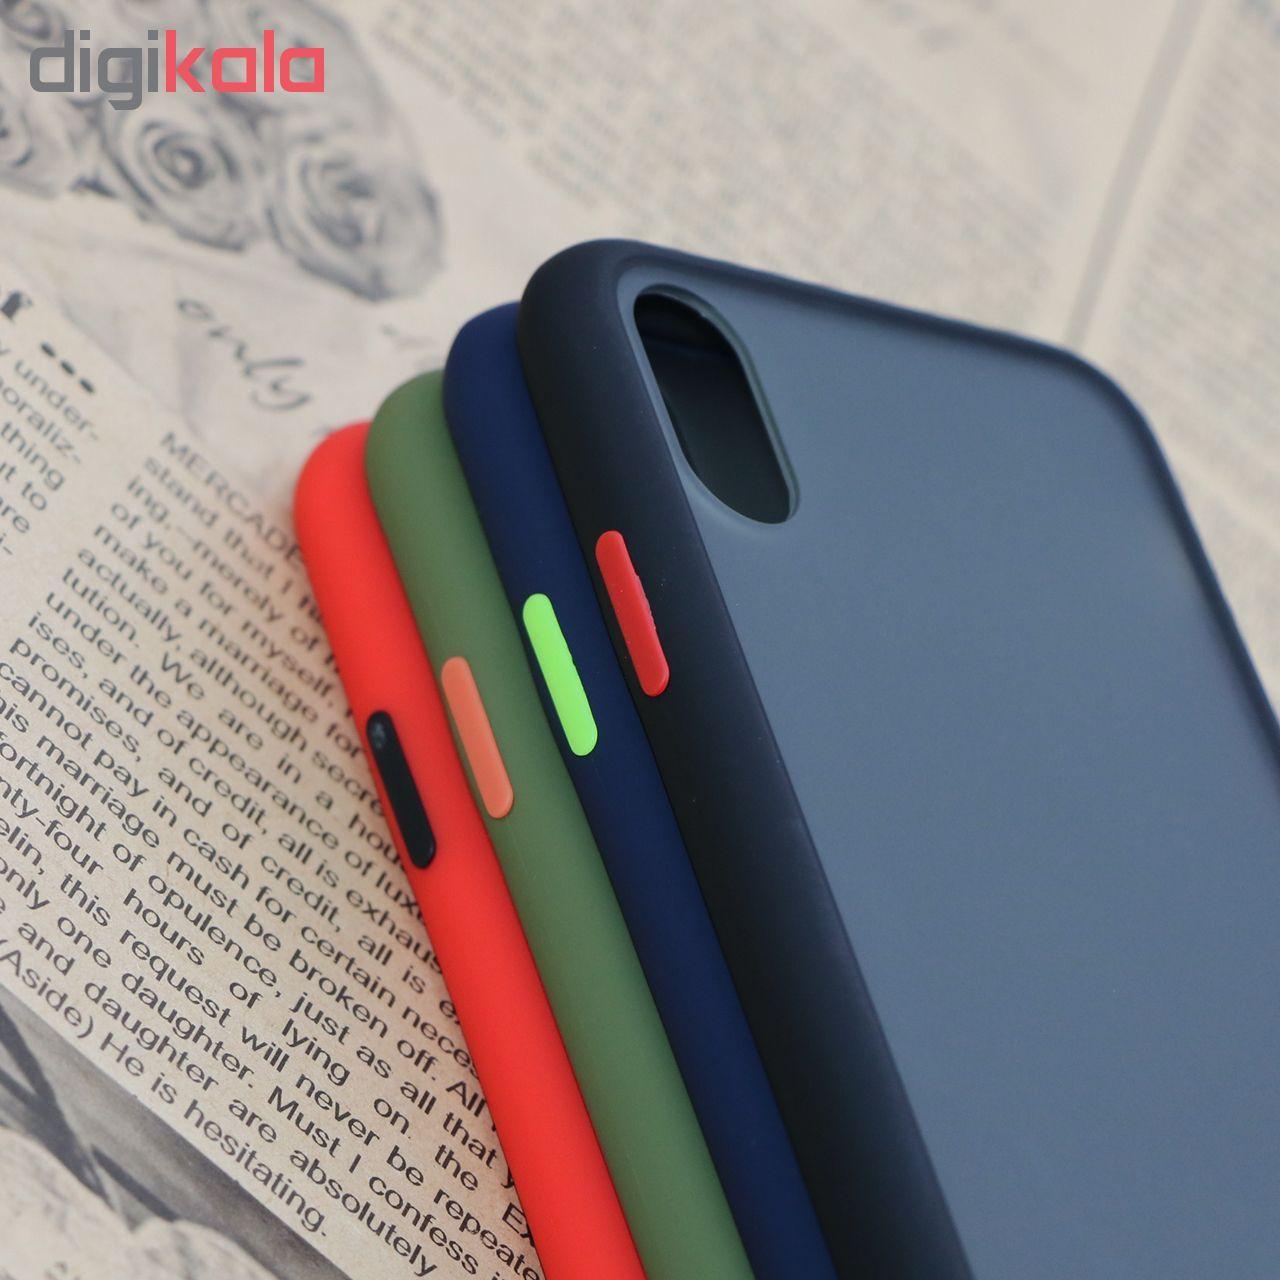 کاور مدل Sb-001 مناسب برای گوشی موبایل اپل Iphone X / Xs  main 1 3